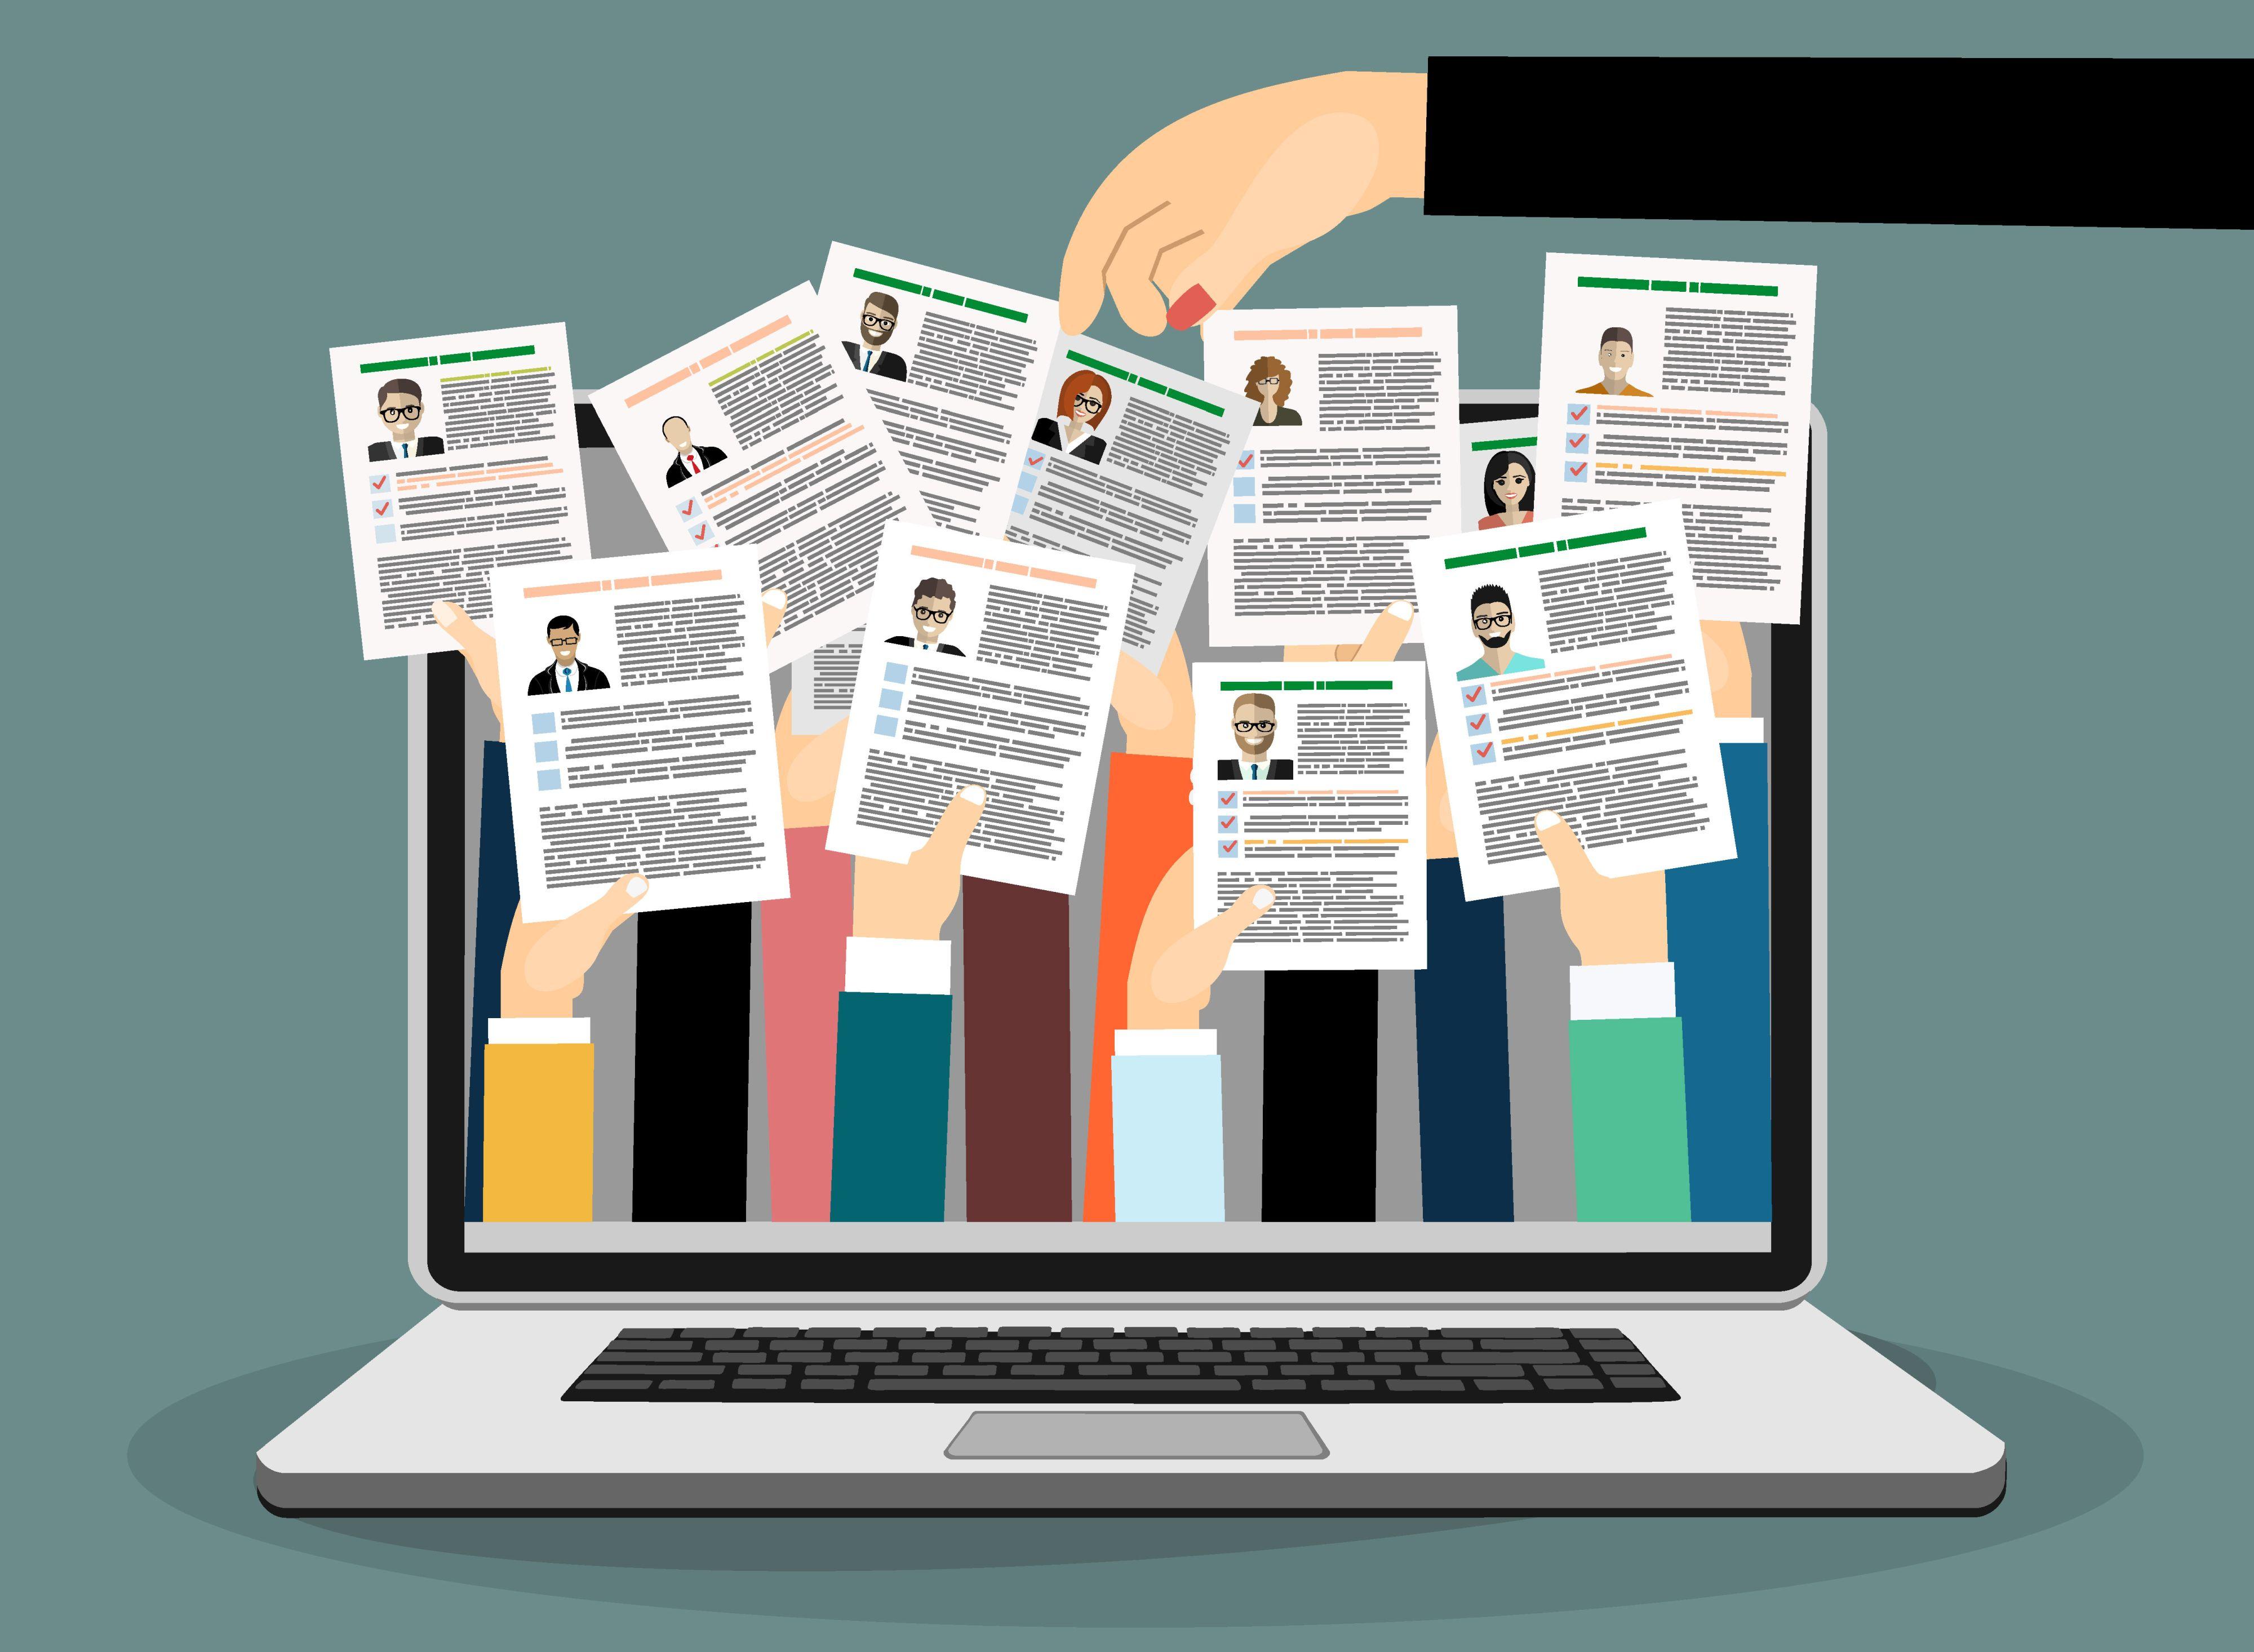 Prowadzenie procesu rekrutacyjnego powoduje koszty związane z zaangażowaniem zespołu, promocją ogłoszeń, ewentualnym wsparciem firm zewnętrznych (Fot. Shutterstock)